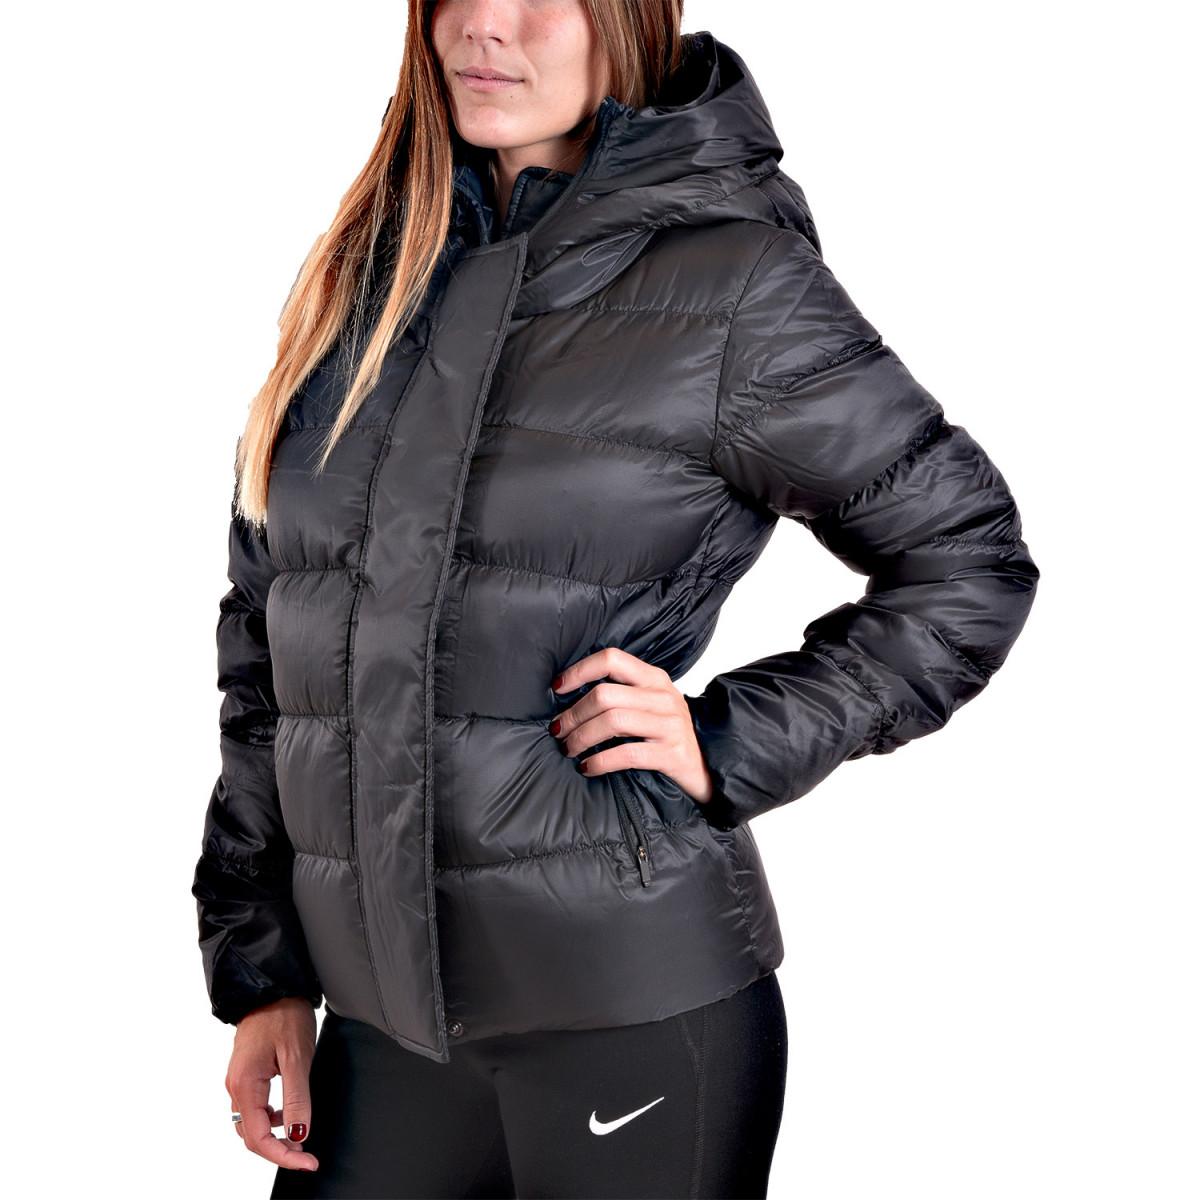 Campera nike mujer abrigo